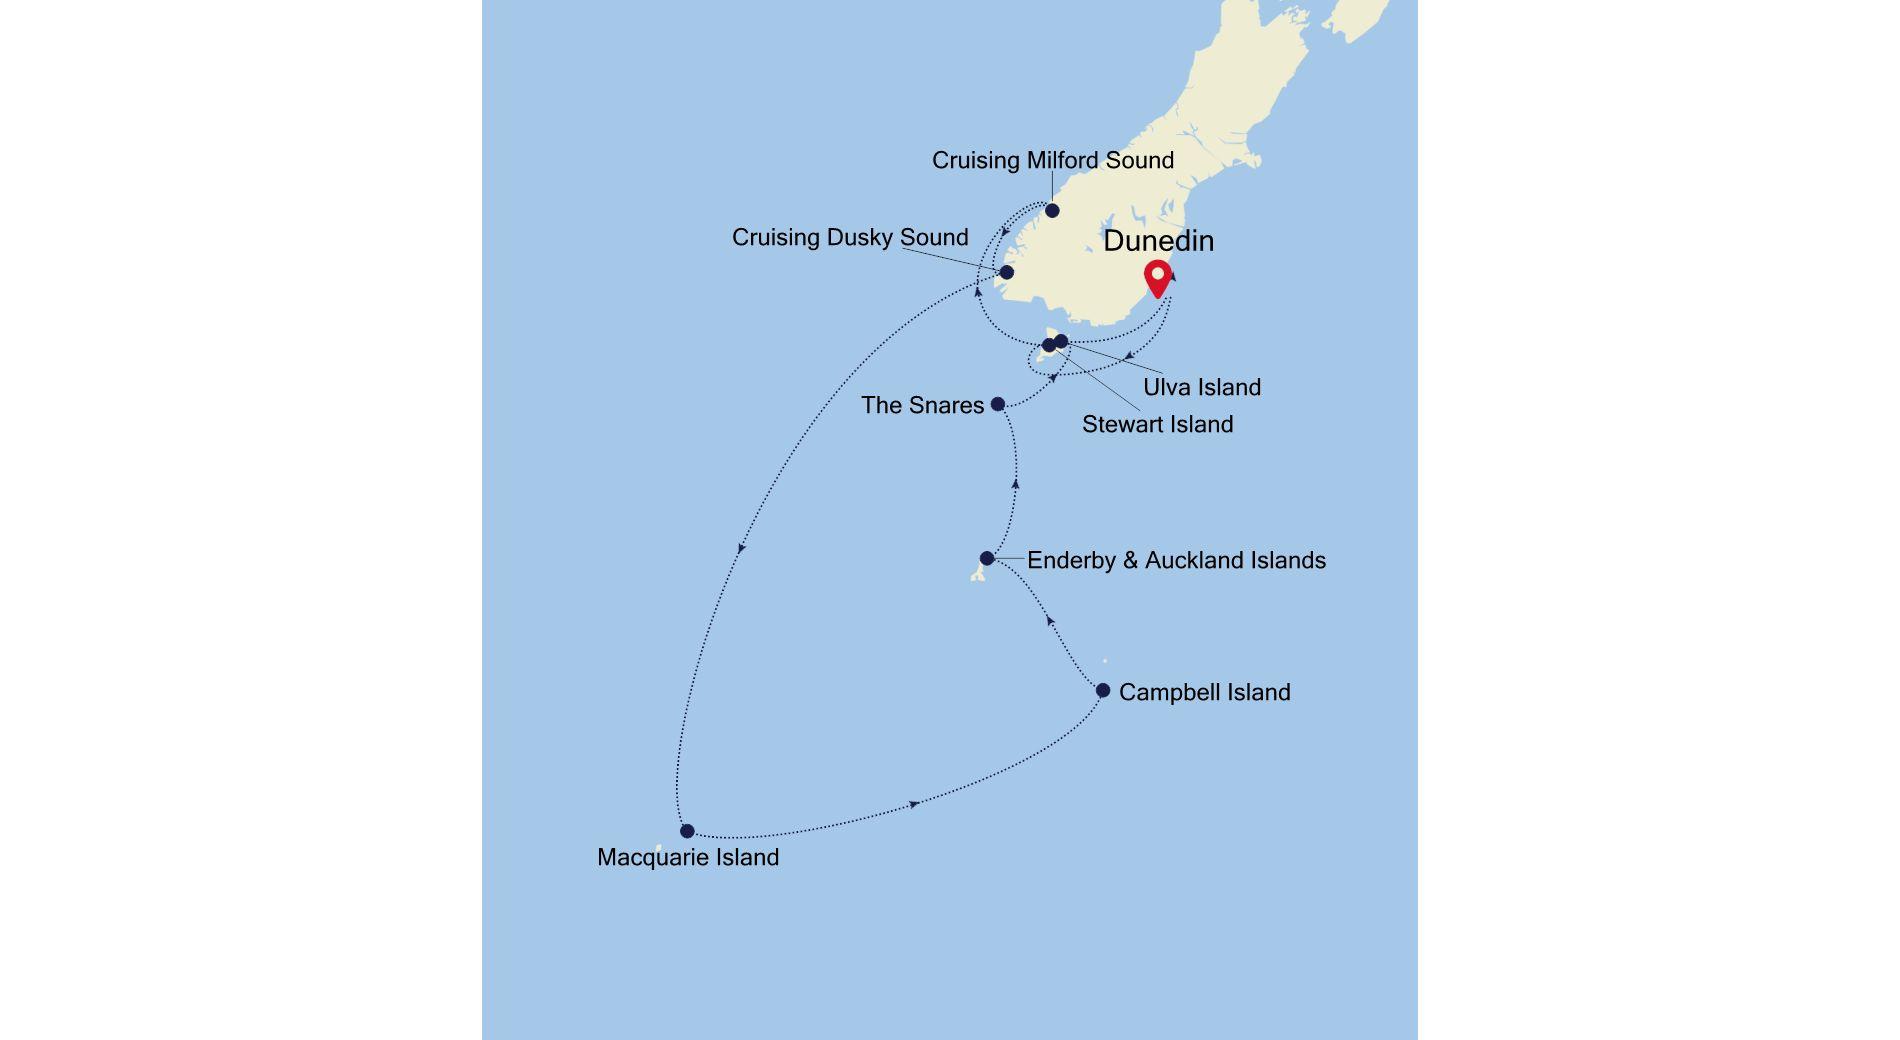 E1201221014 - Dunedin nach Dunedin